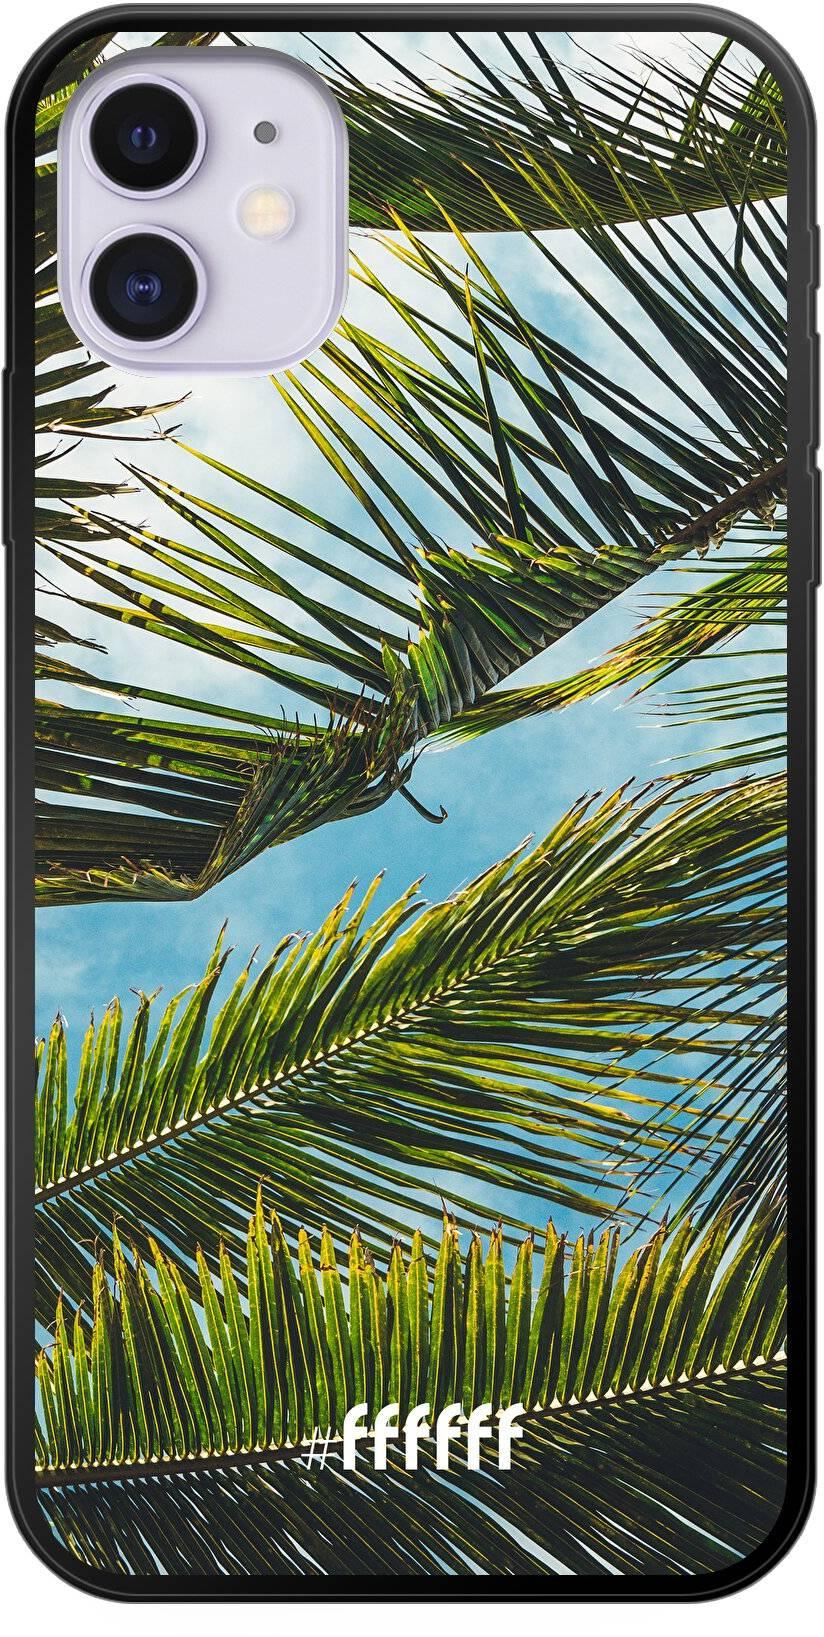 Palms iPhone 11